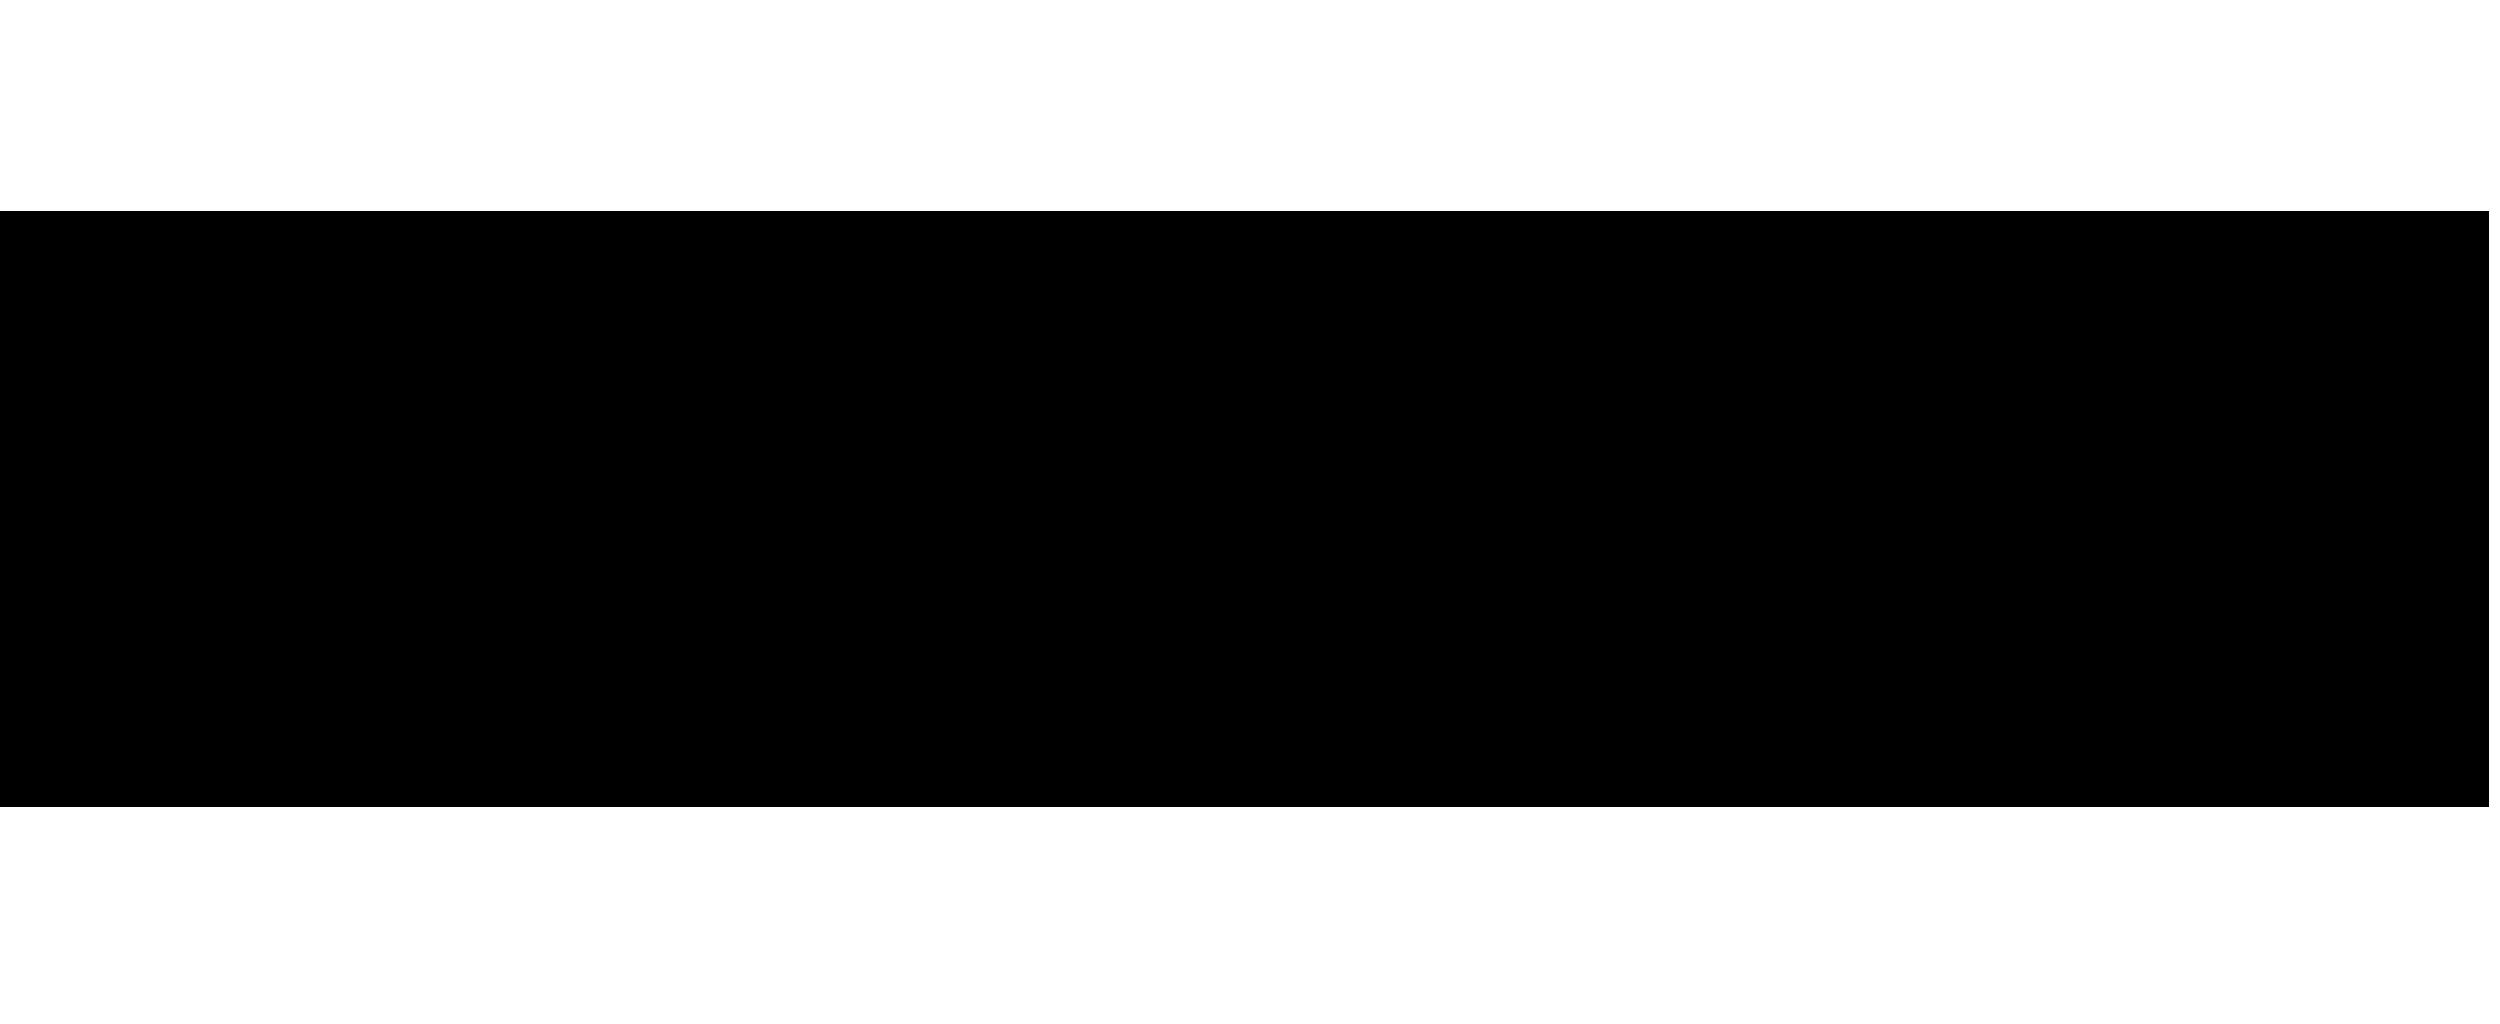 filmbot logo